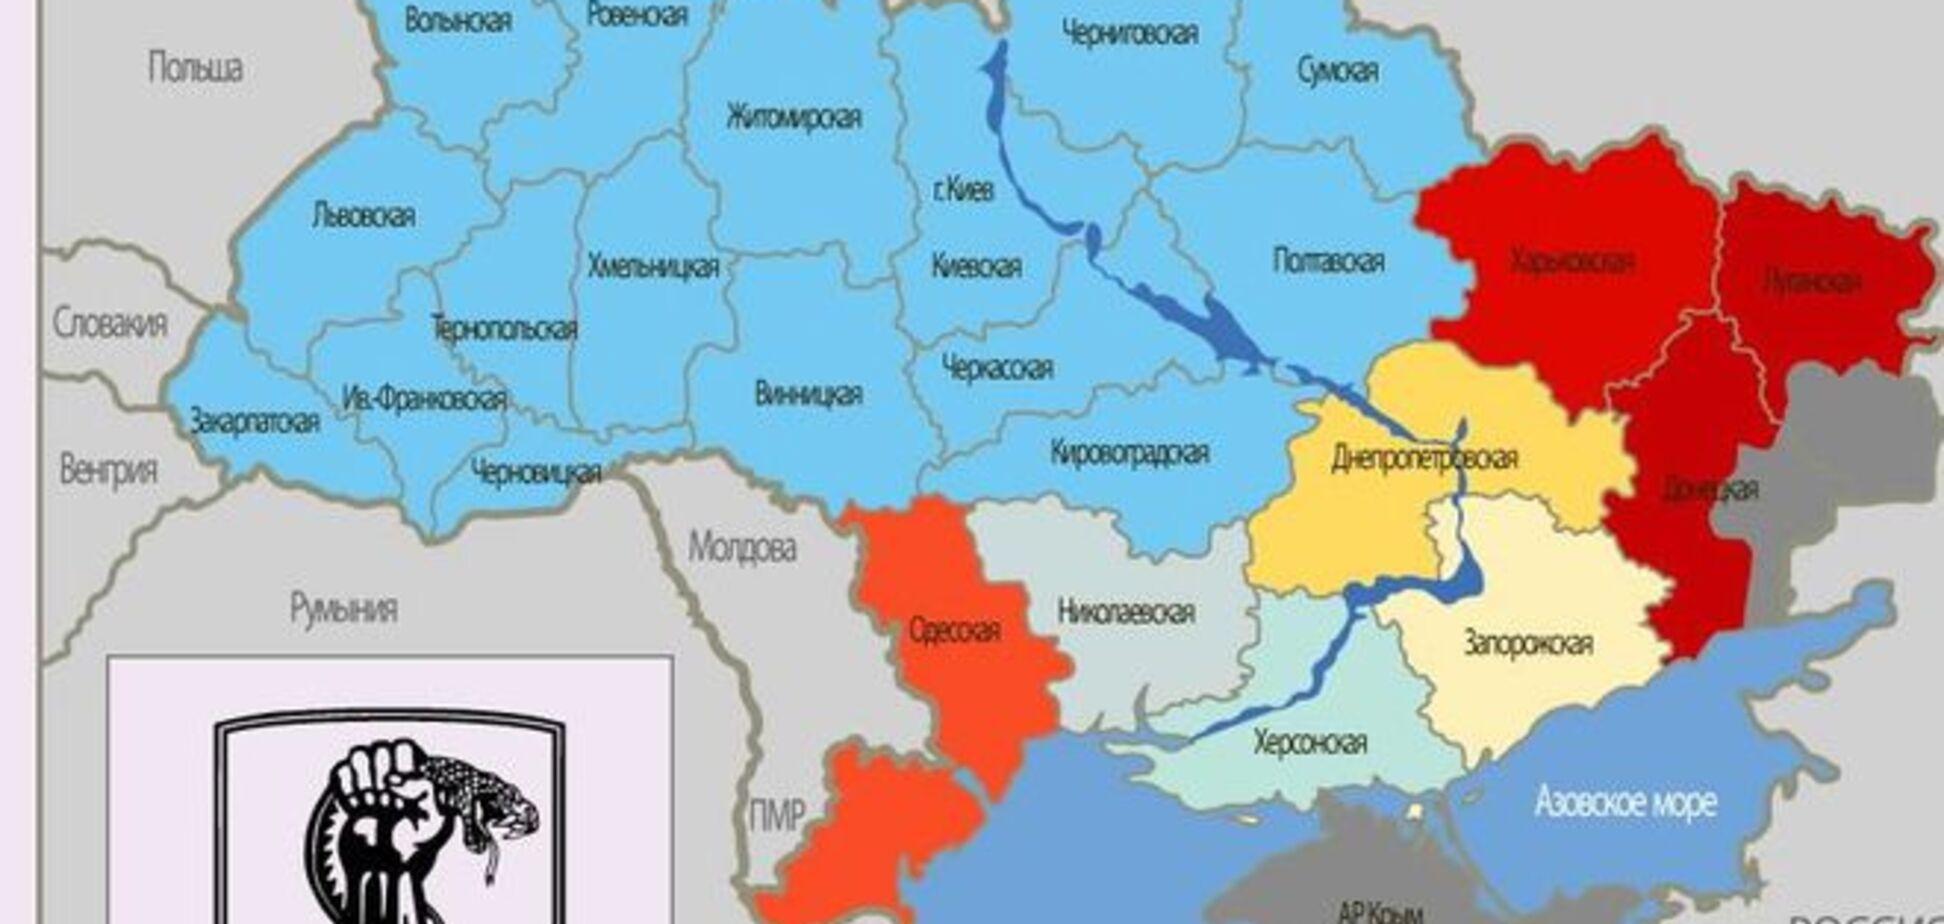 Опубліковано мапу терористичних загроз Україні. Інфографіка